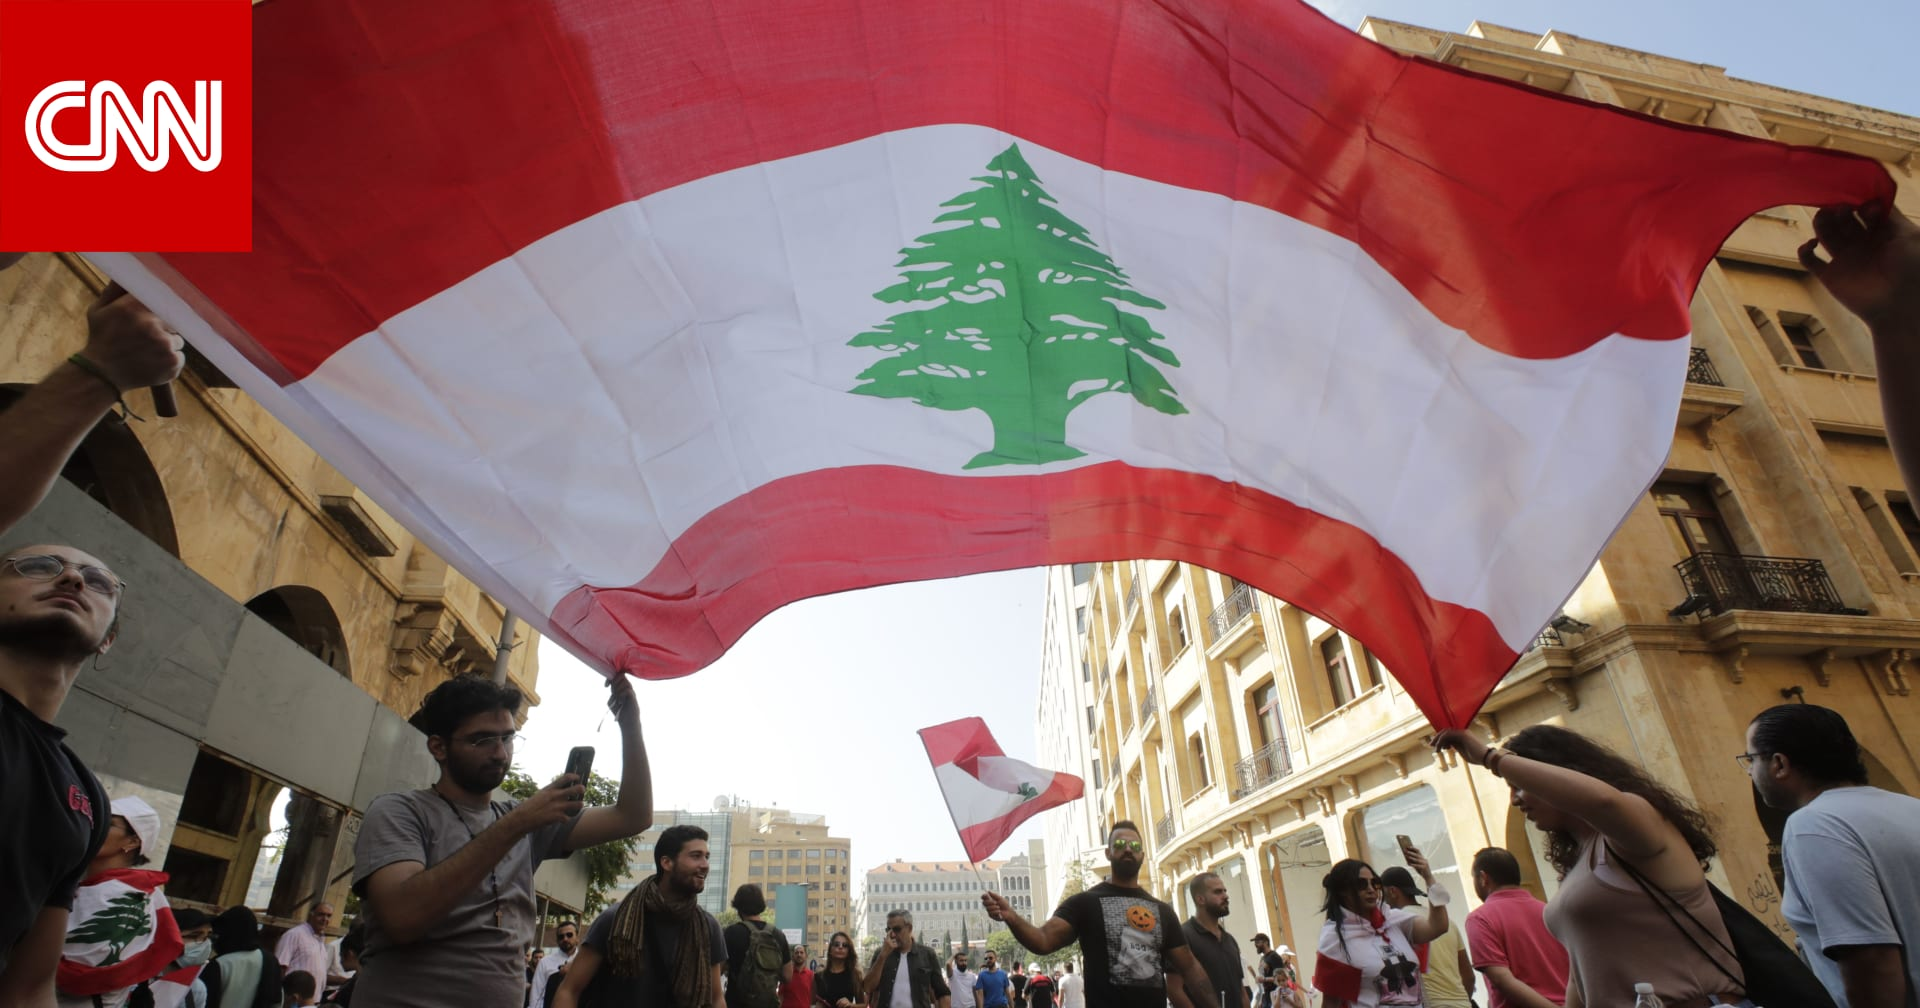 الاتحاد الأوروبي يتبنى إطارًا لعقوبات تستهدف لبنان وسط قلق متزايد من الأزمة في البلاد